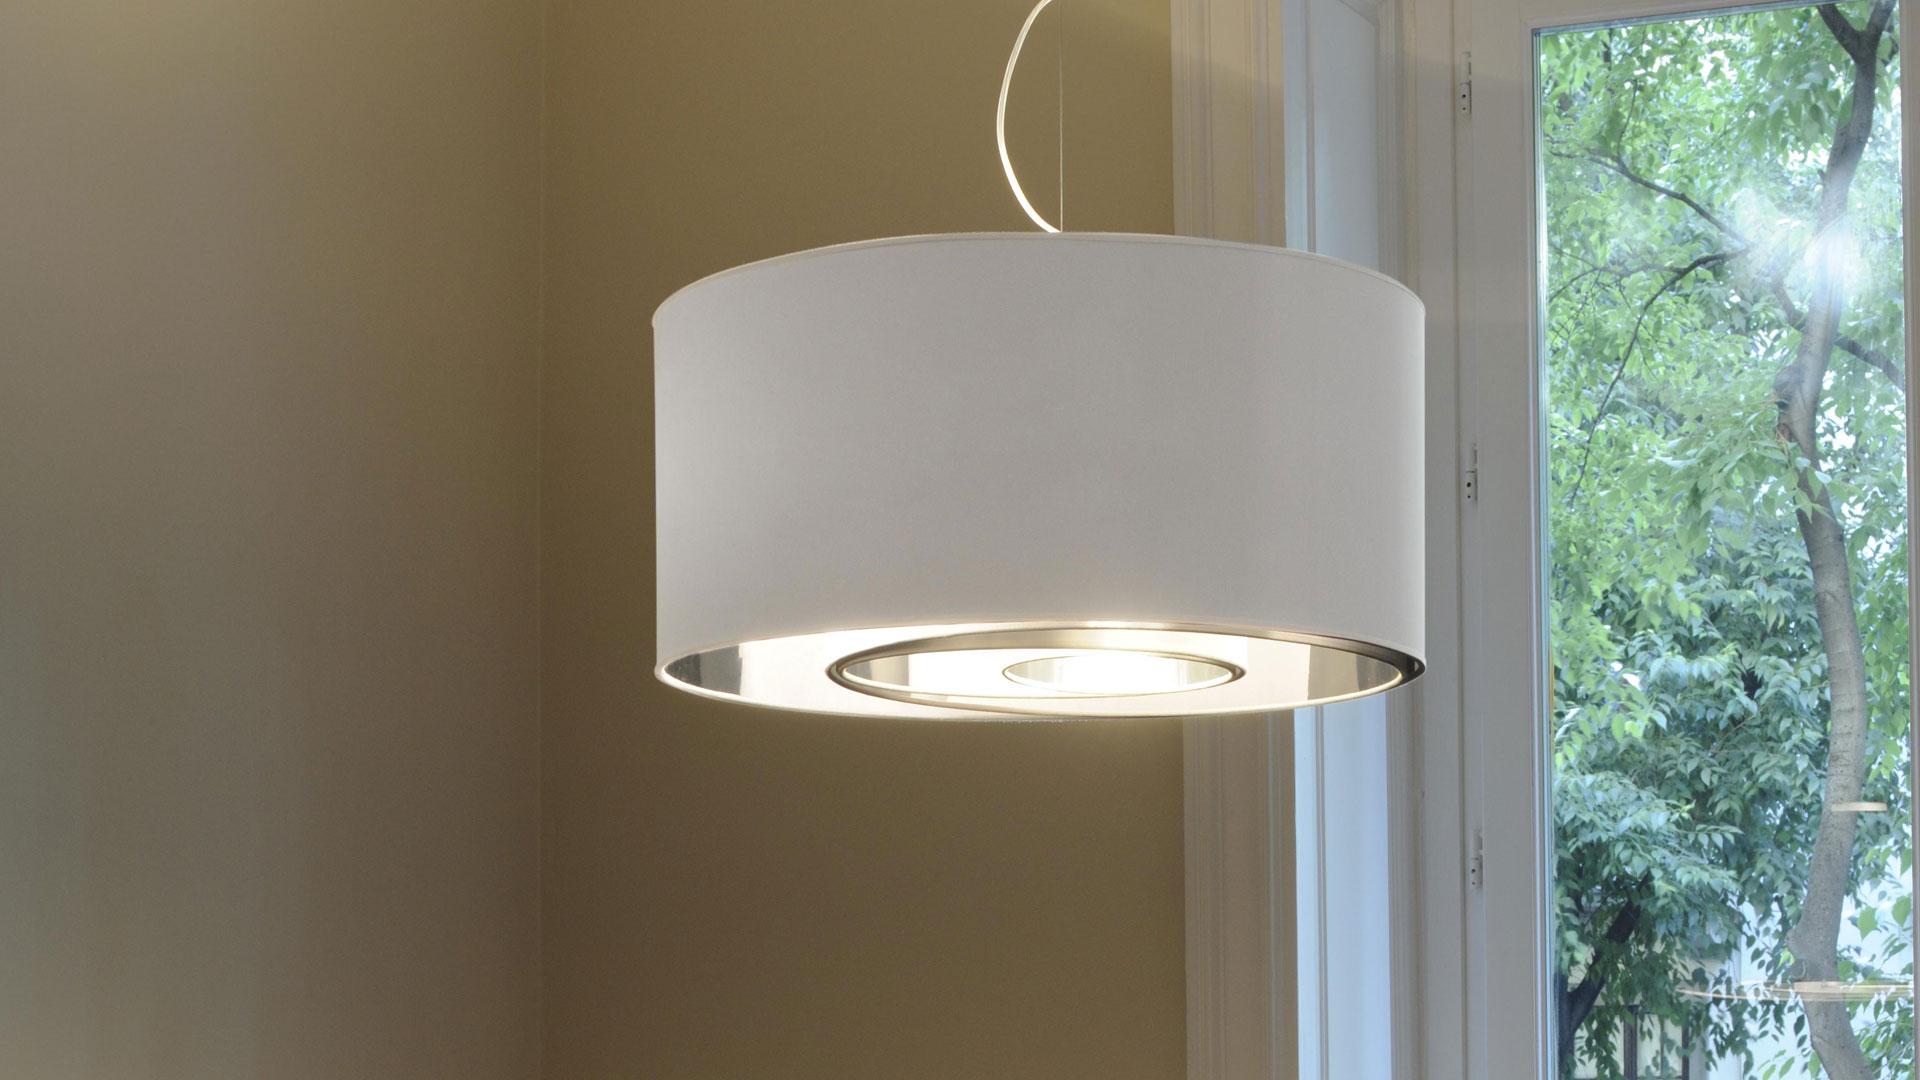 Circles oluce - Lampada sospensione sopra tavolo altezza ...